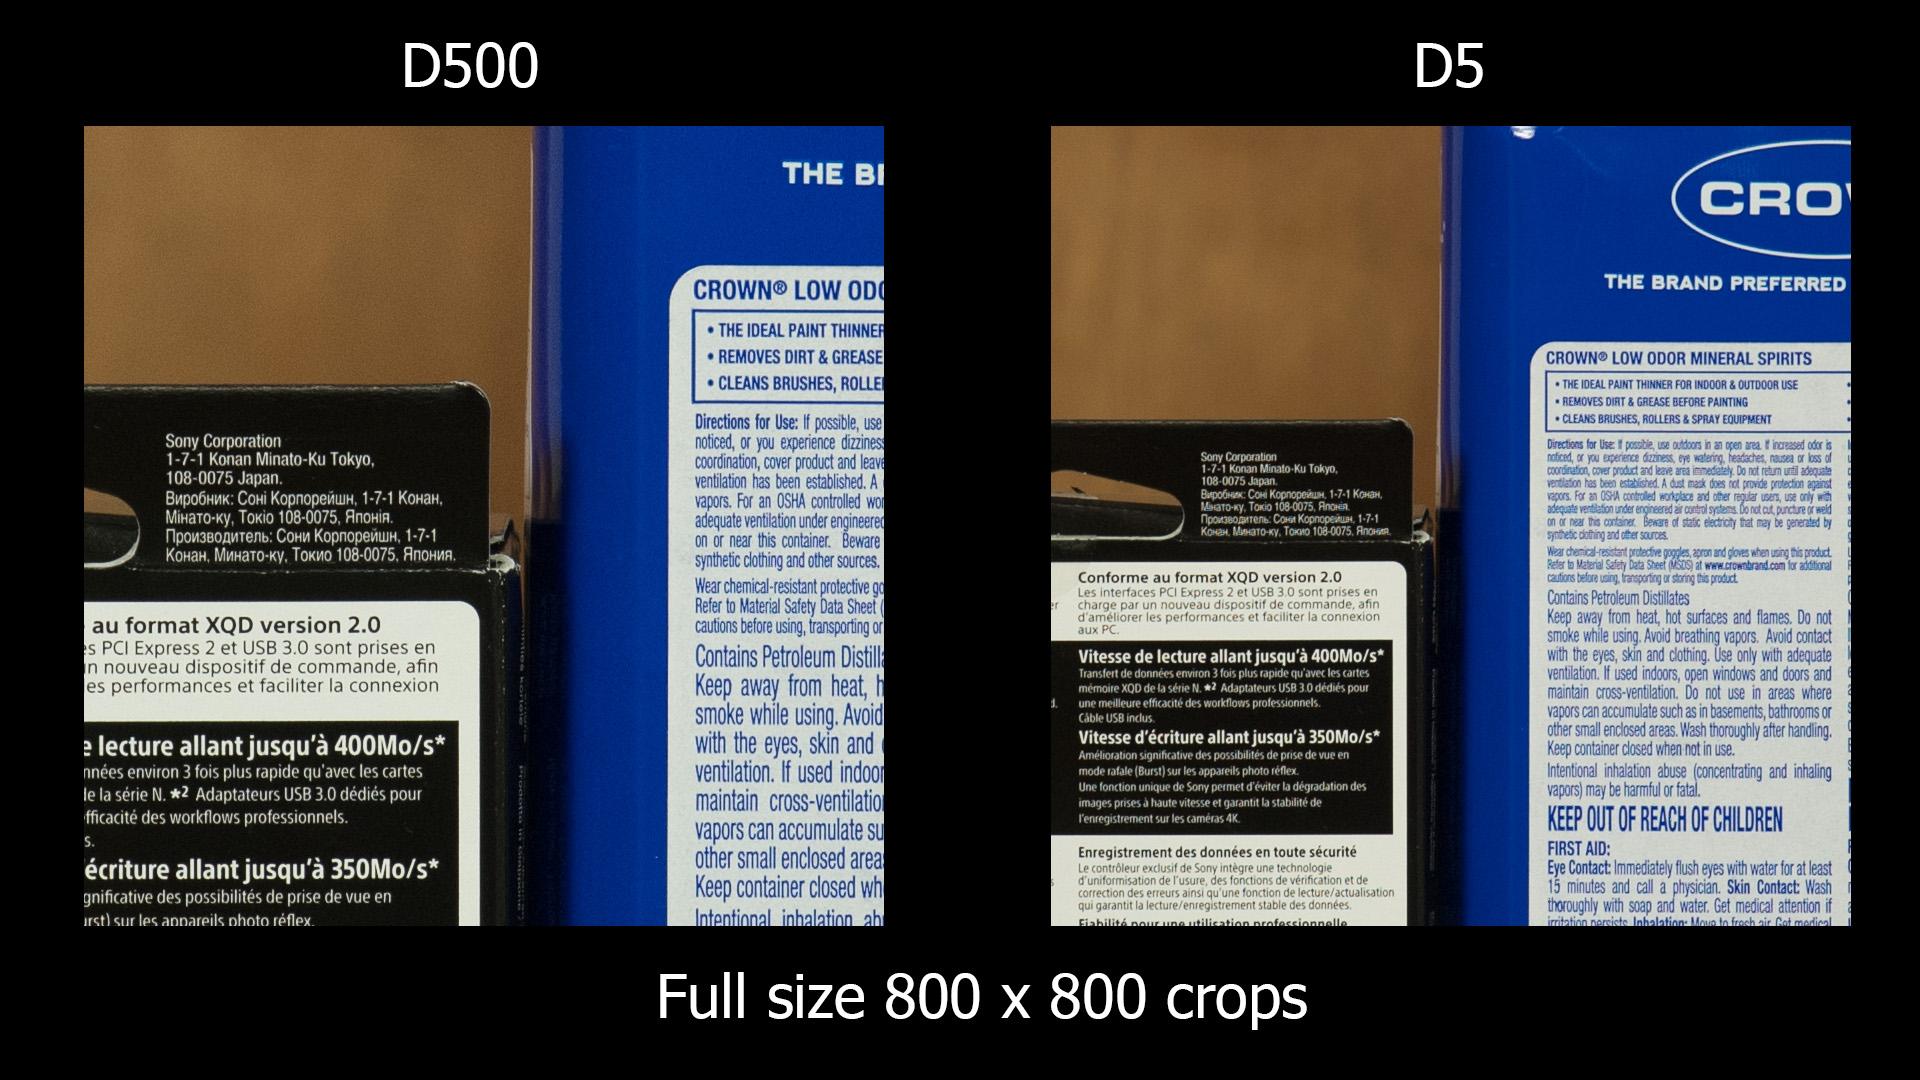 D500 v D5 full size